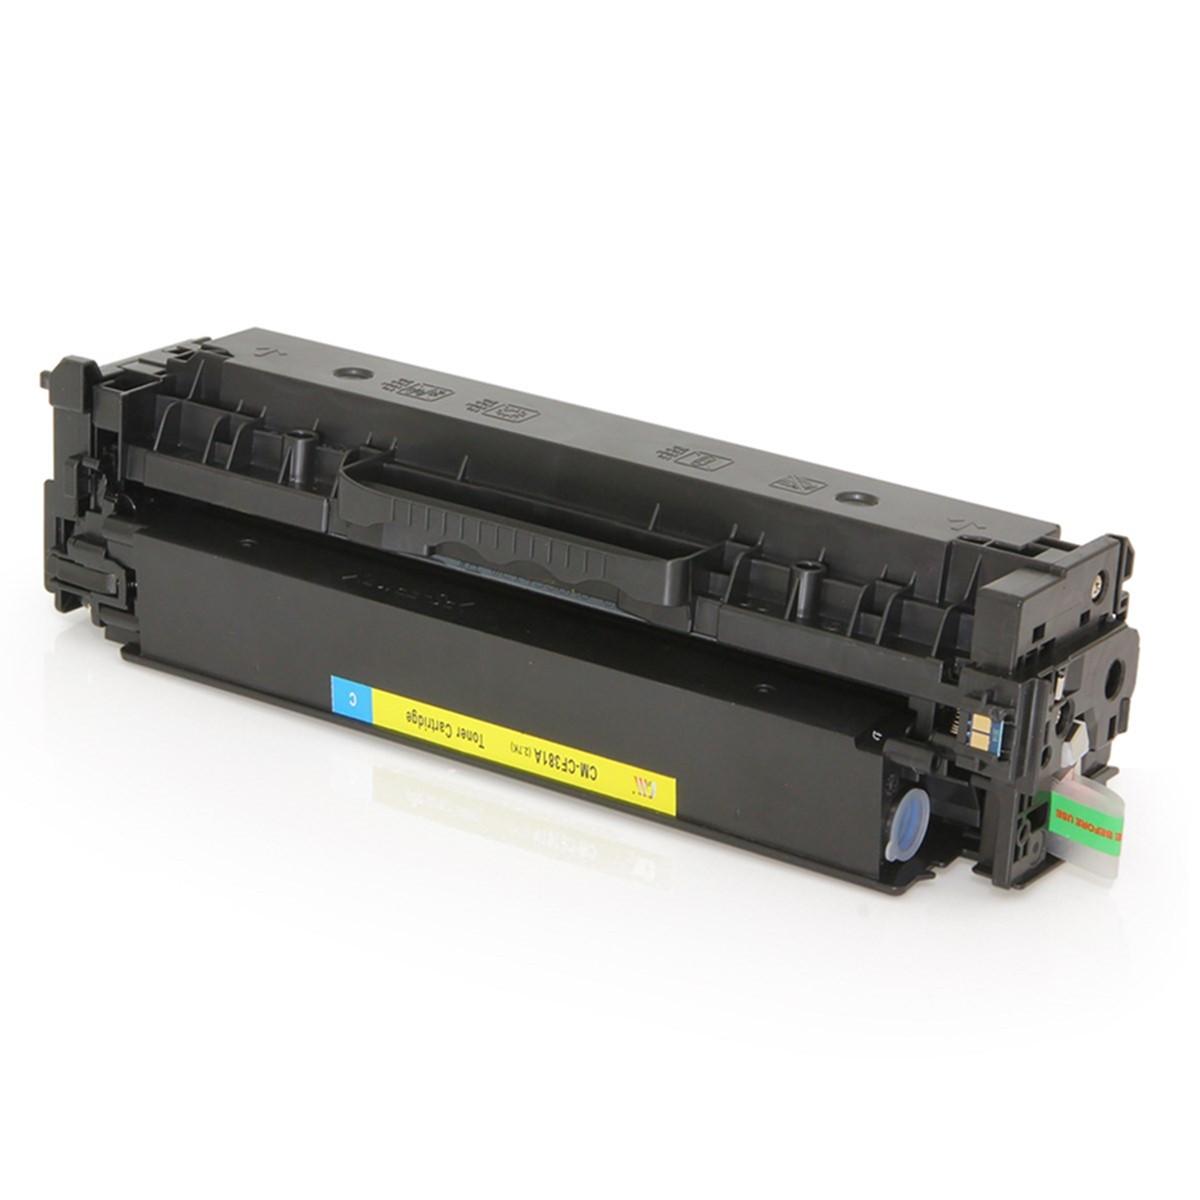 Toner Compatível com HP CC530A 304A Preto Universal | CM2320 CP2025 | Premium Quality 3.5k